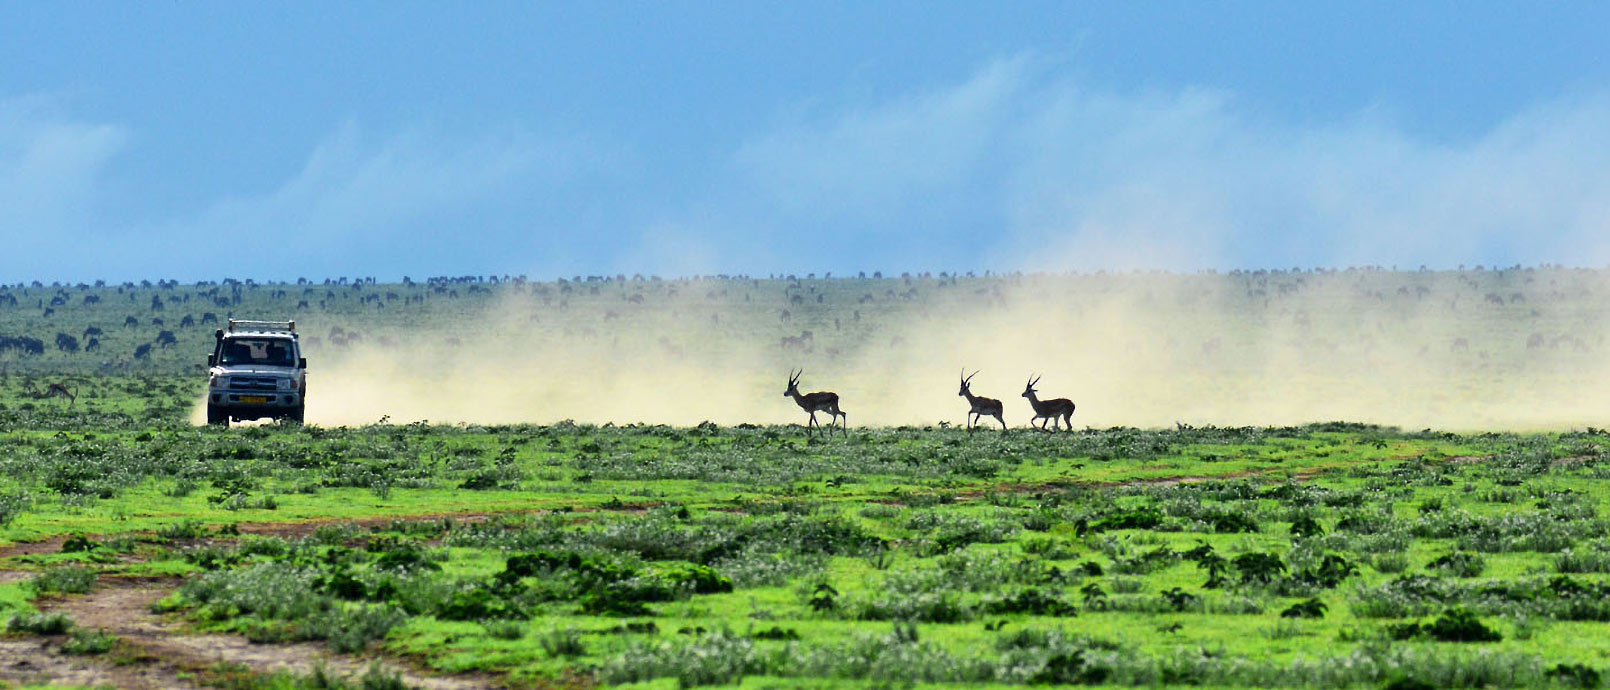 Safari en Tanzanie, les parcs essentiels 10 Jours - 9 Nuits